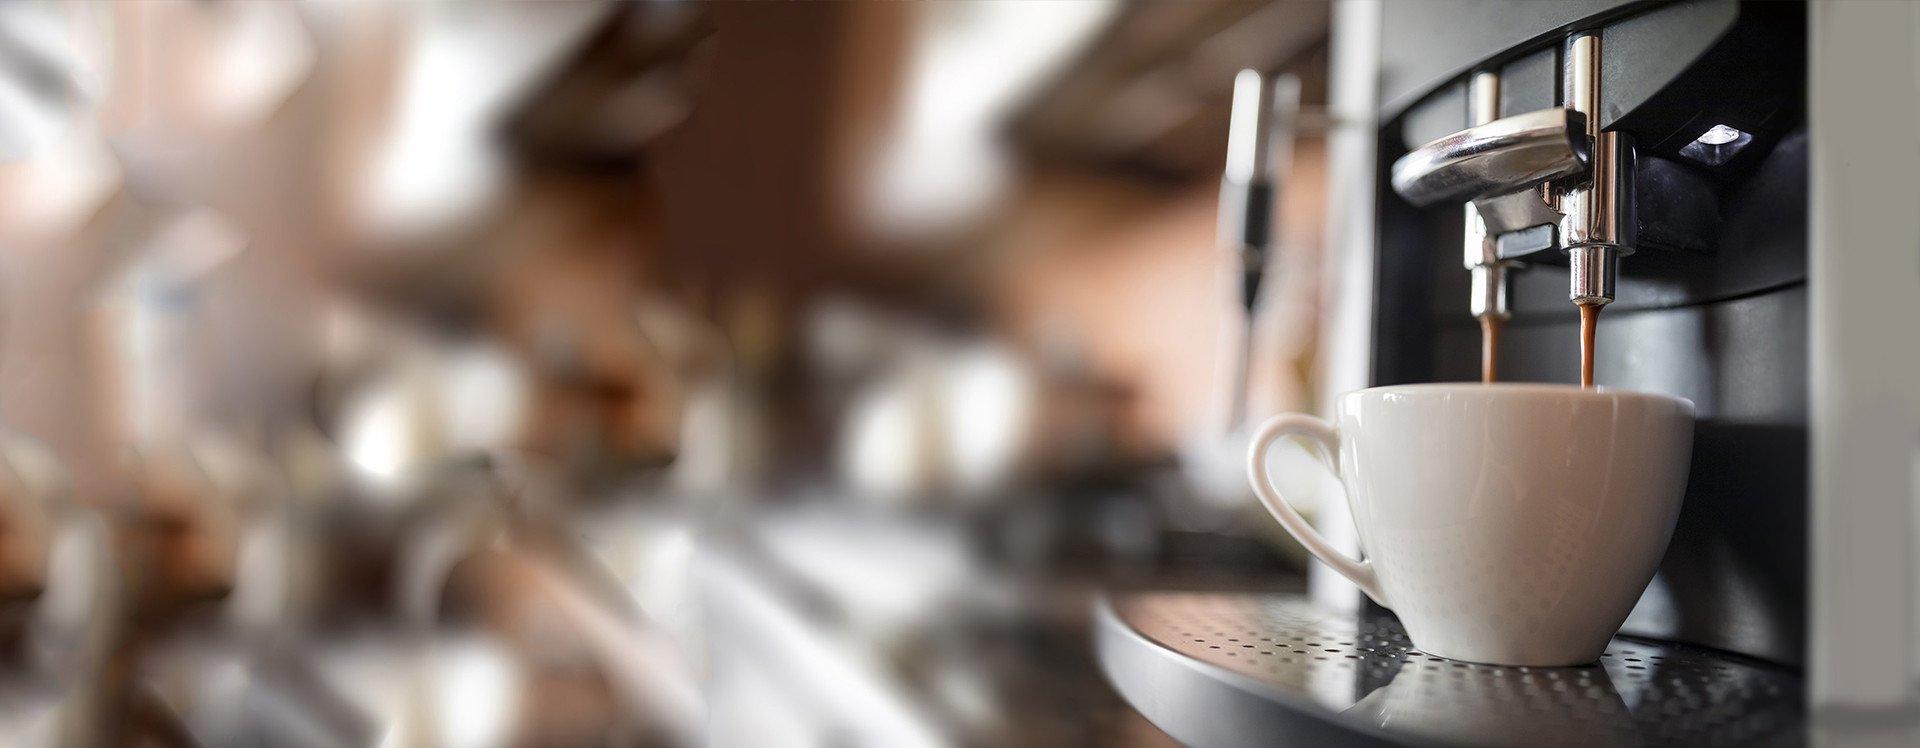 WMF kávovary pro profesionály Praha – dokonalá káva s jemnou pěnou